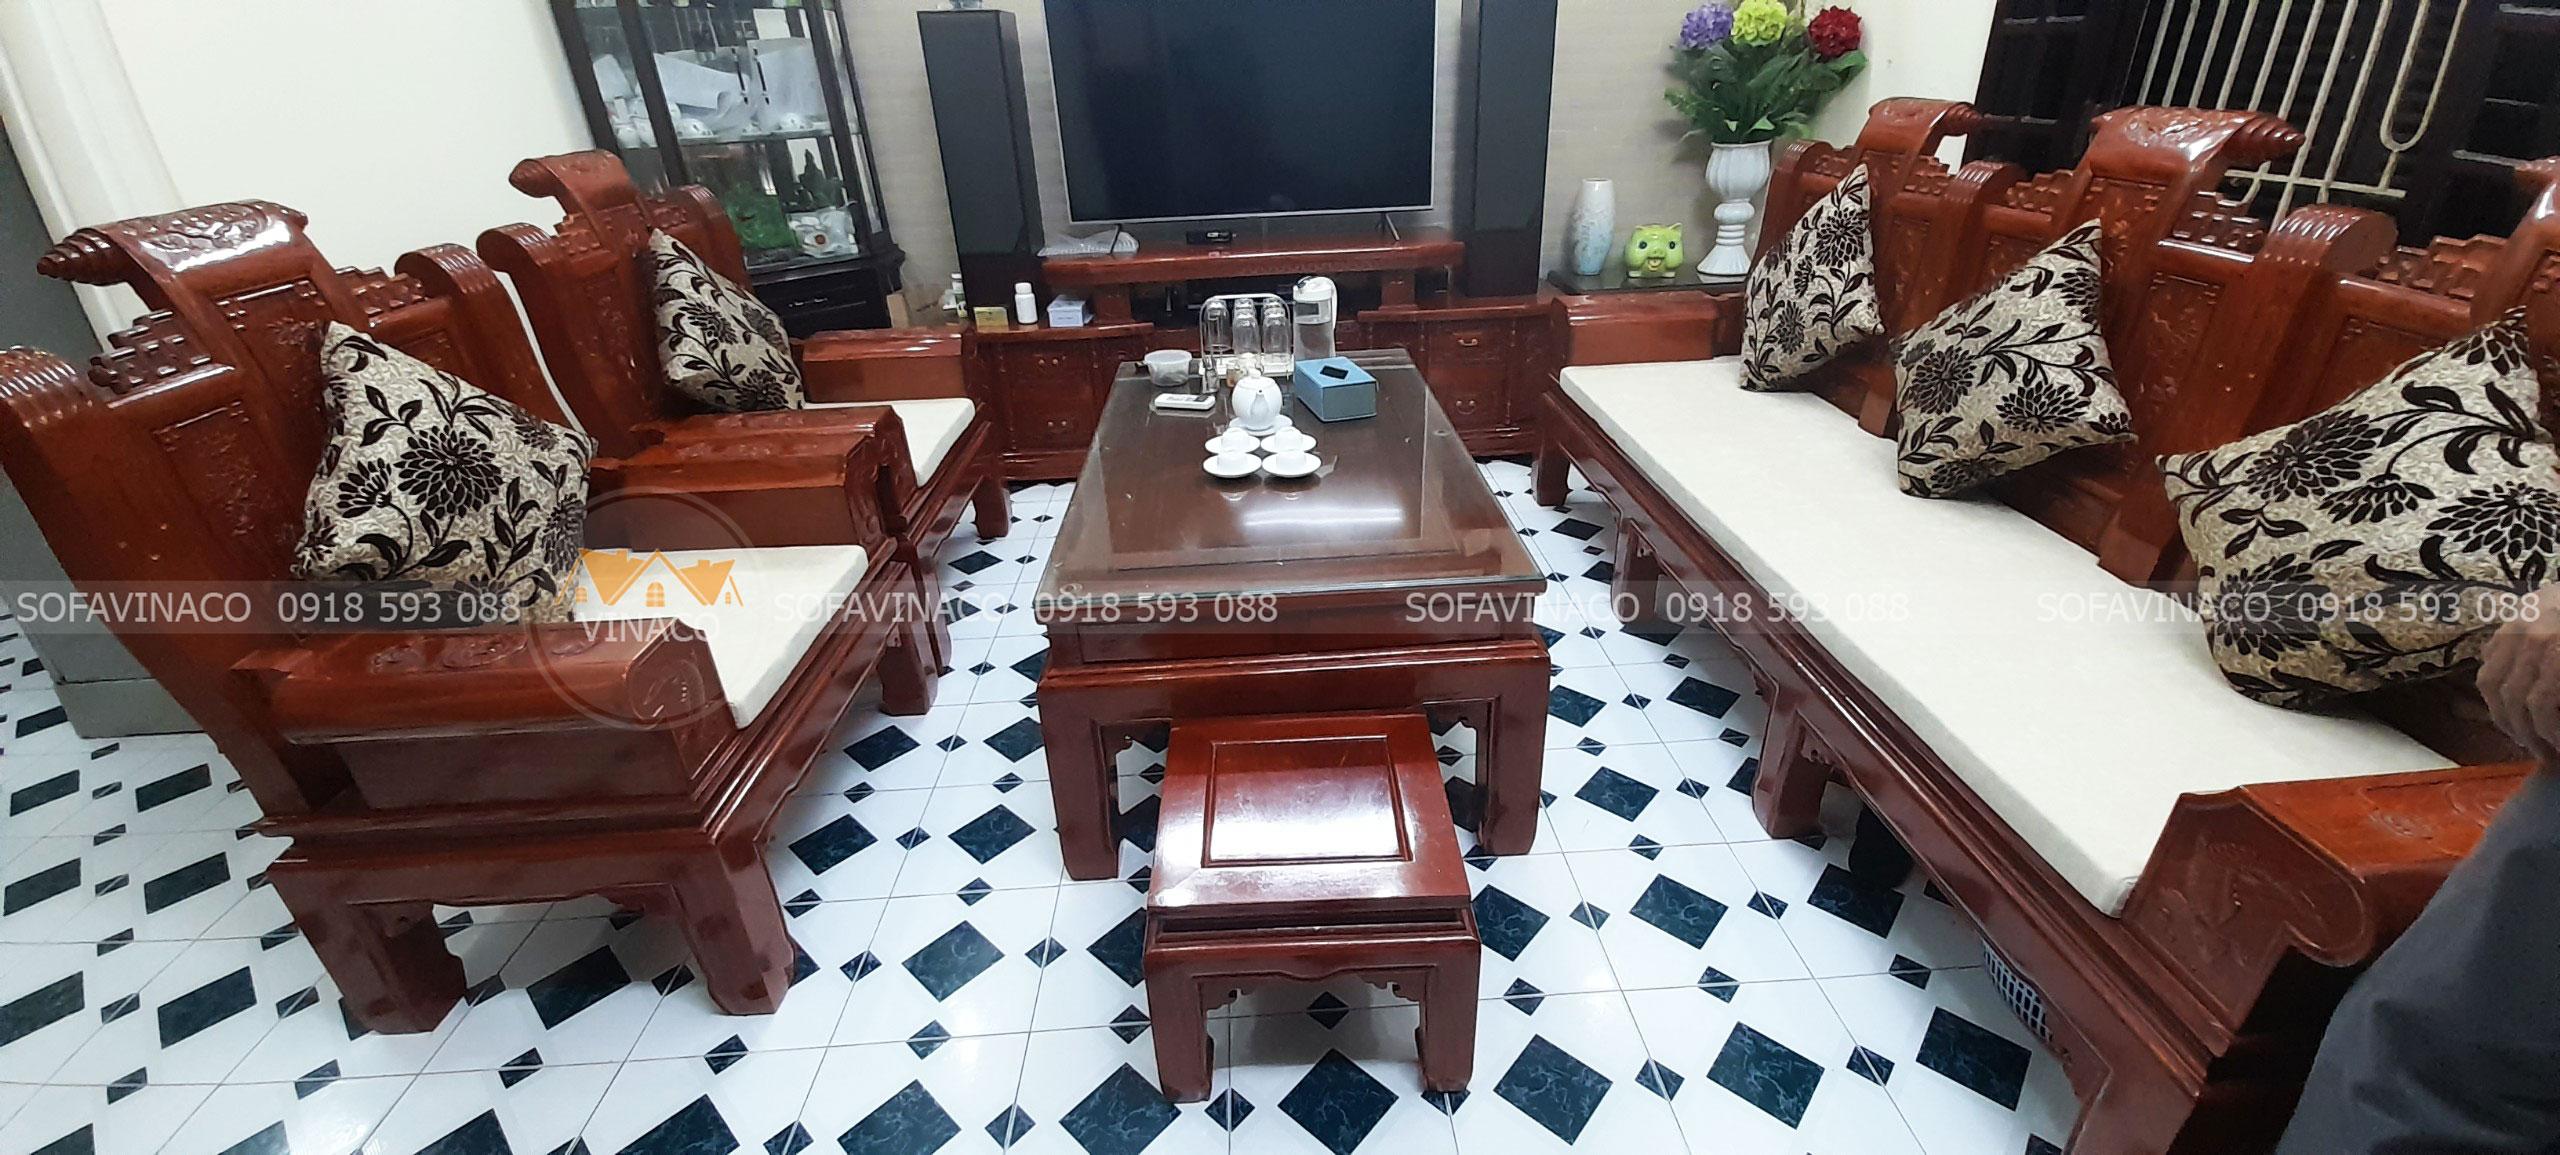 Làm đệm ghế ngồi màu kem cho bộ ghế Tần Thuỷ Hoàng tại Kim Ngưu, Hà Nội